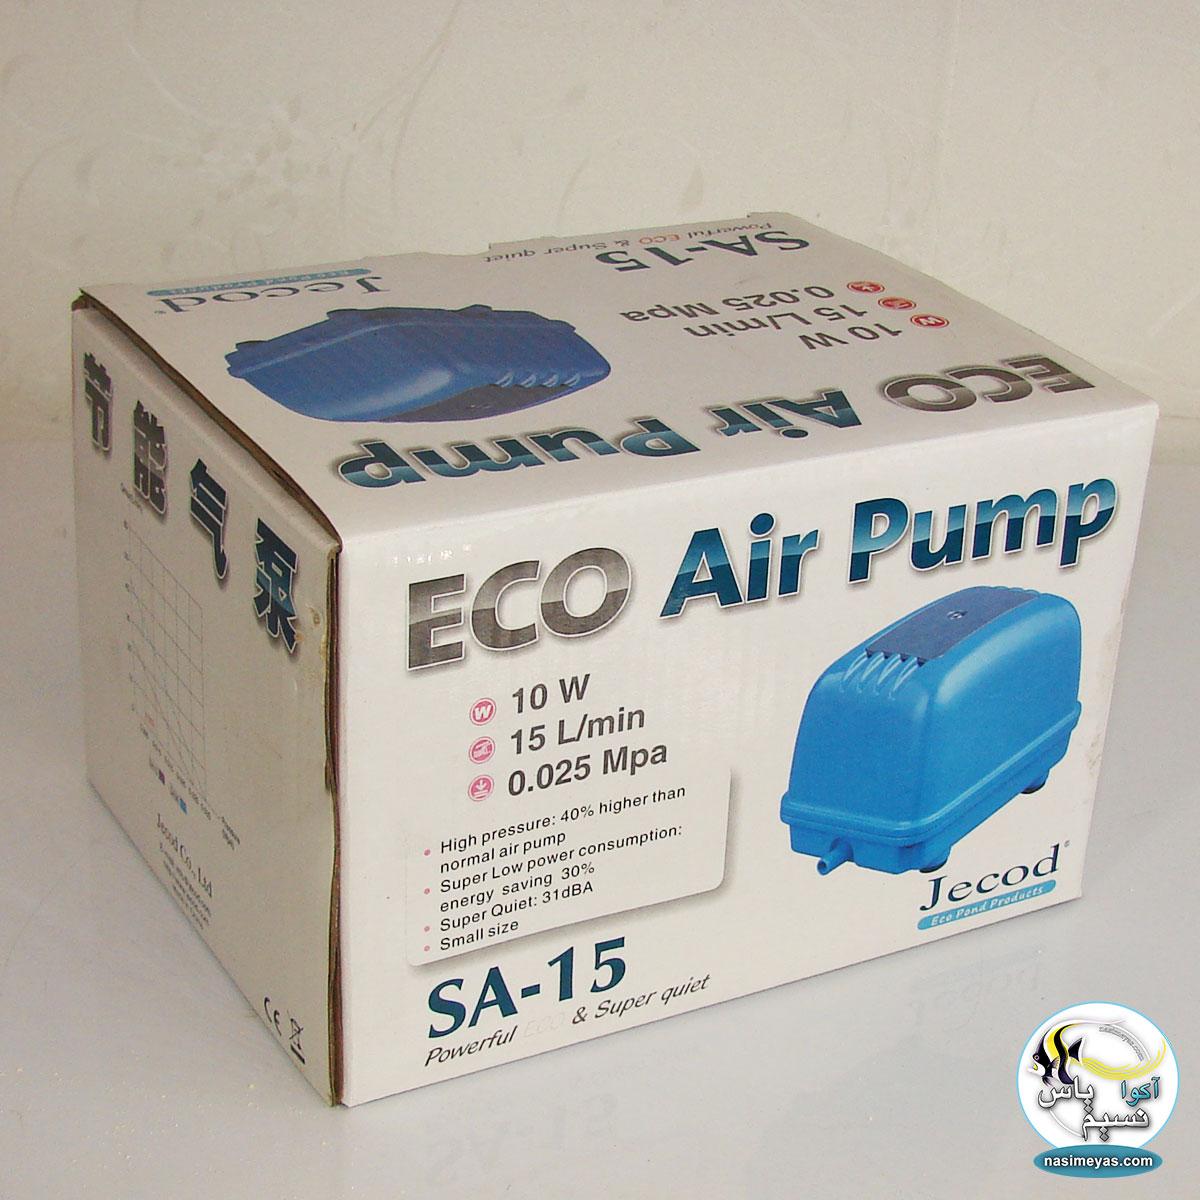 Jecod ECO Air Pump SA-15